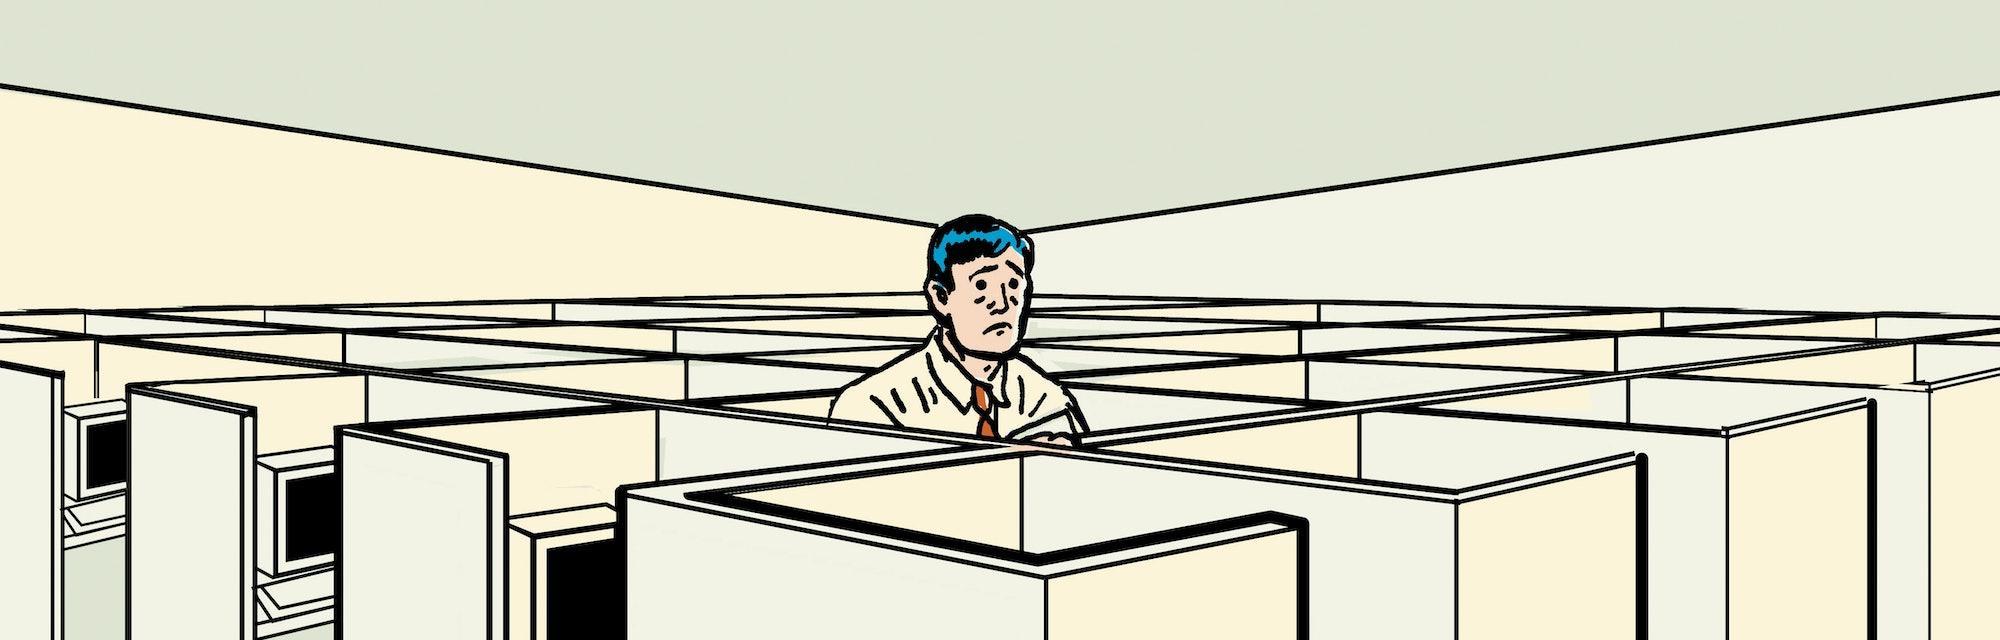 man at office